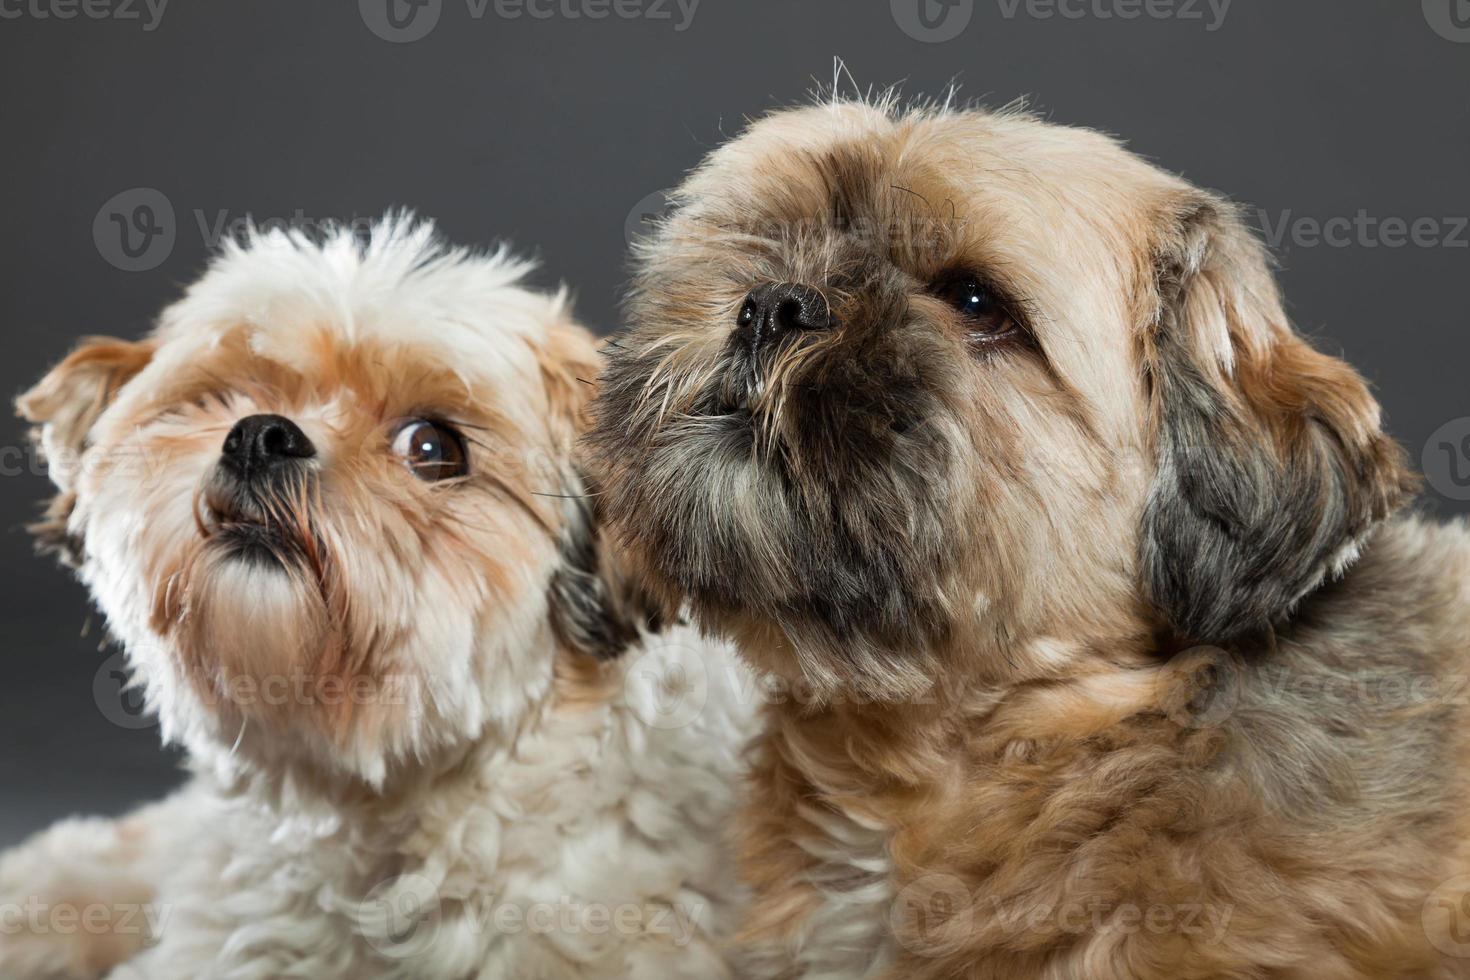 zwei shih tzu Hunde lokalisiert auf grauem Hintergrund. Studioaufnahme. foto